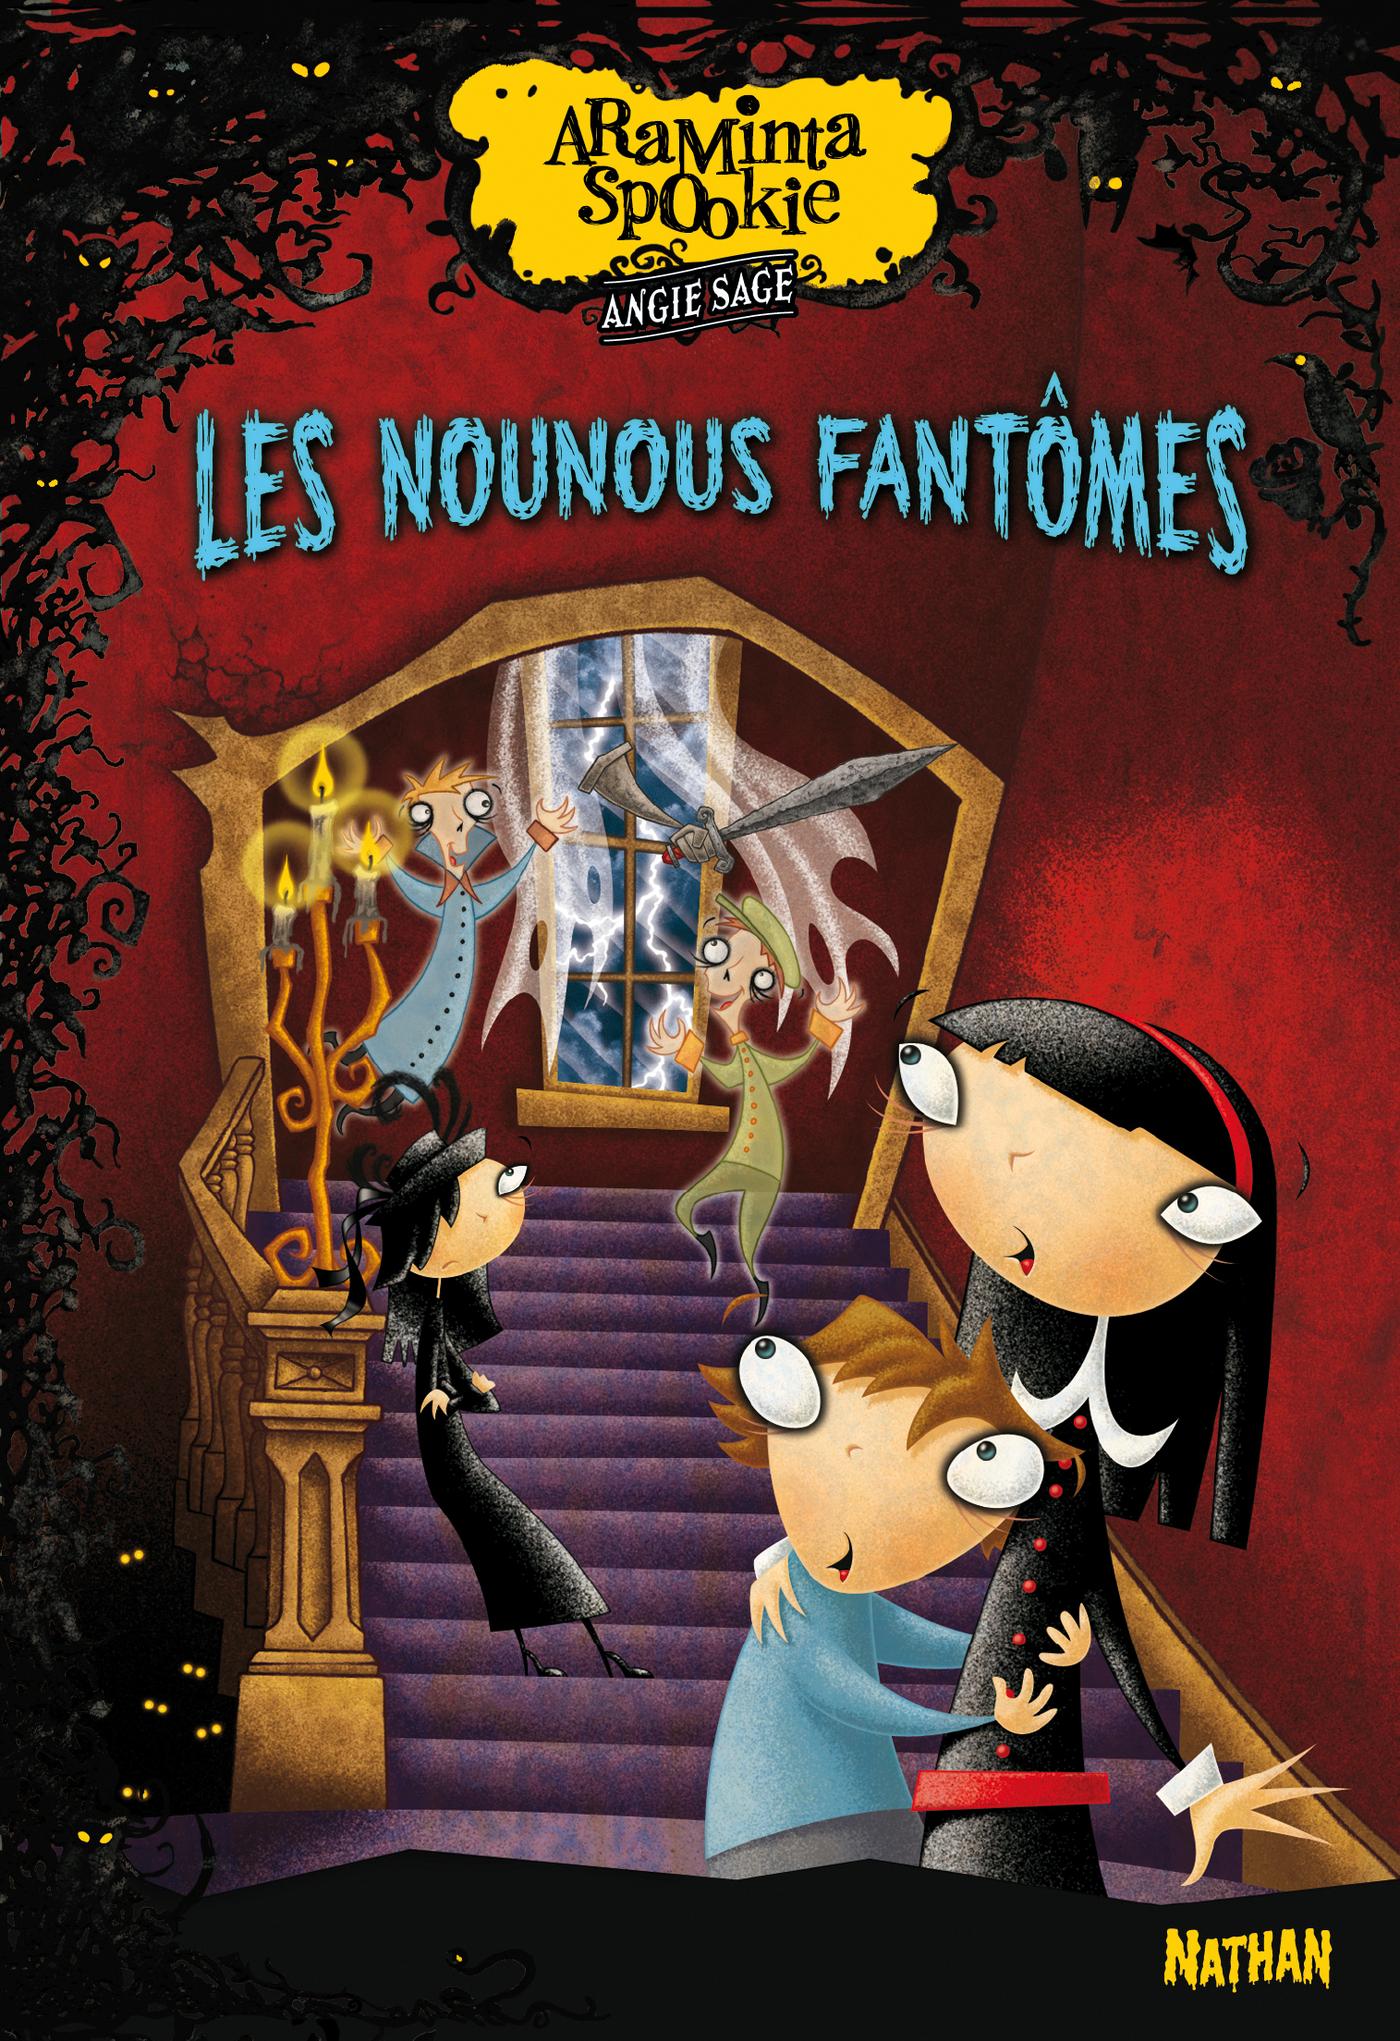 Araminta Spookie T5: Les nounous fantômes